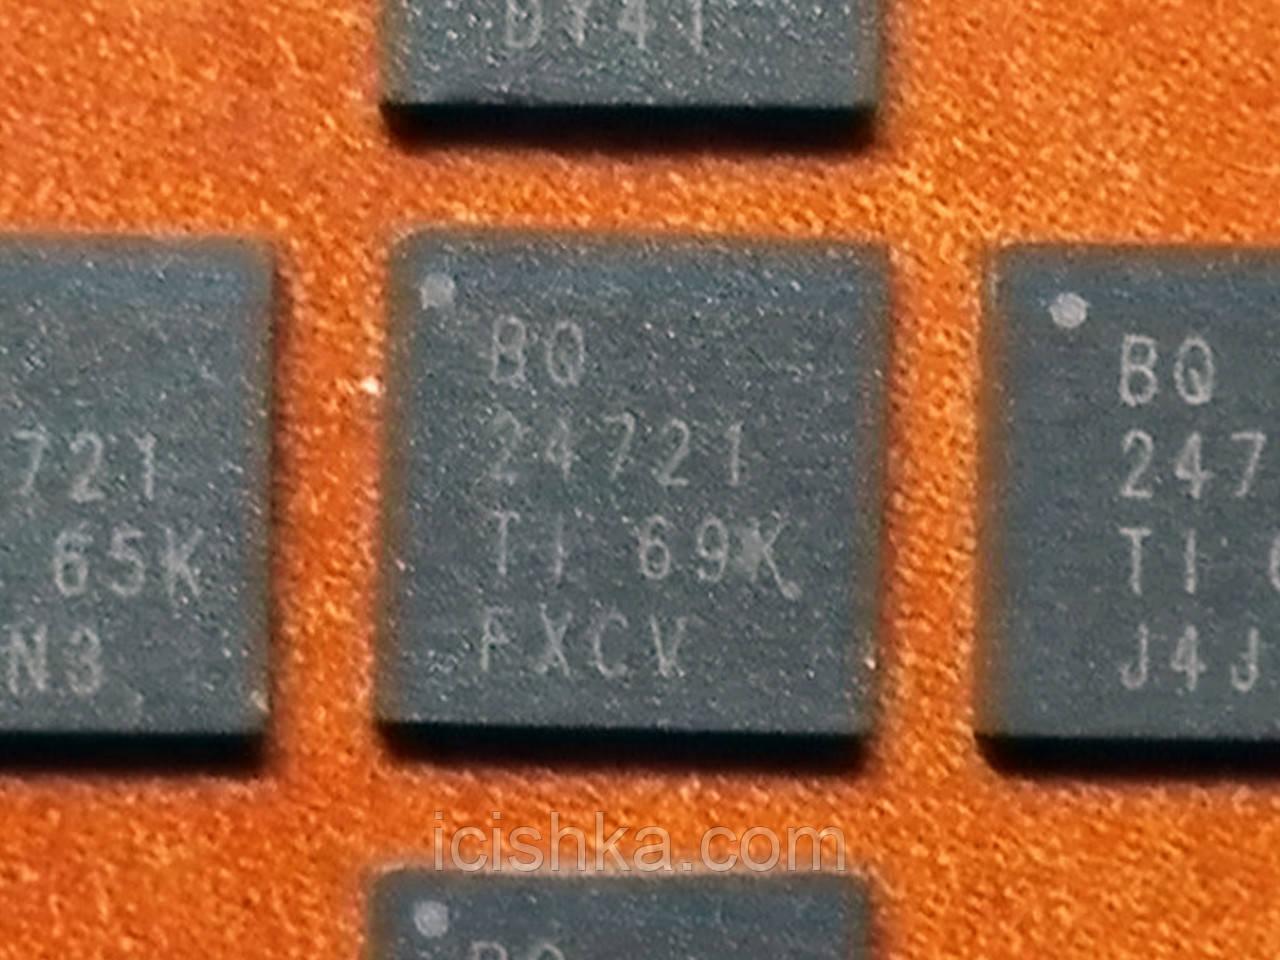 BQ24721 24721 QFN32 - контроллер заряда